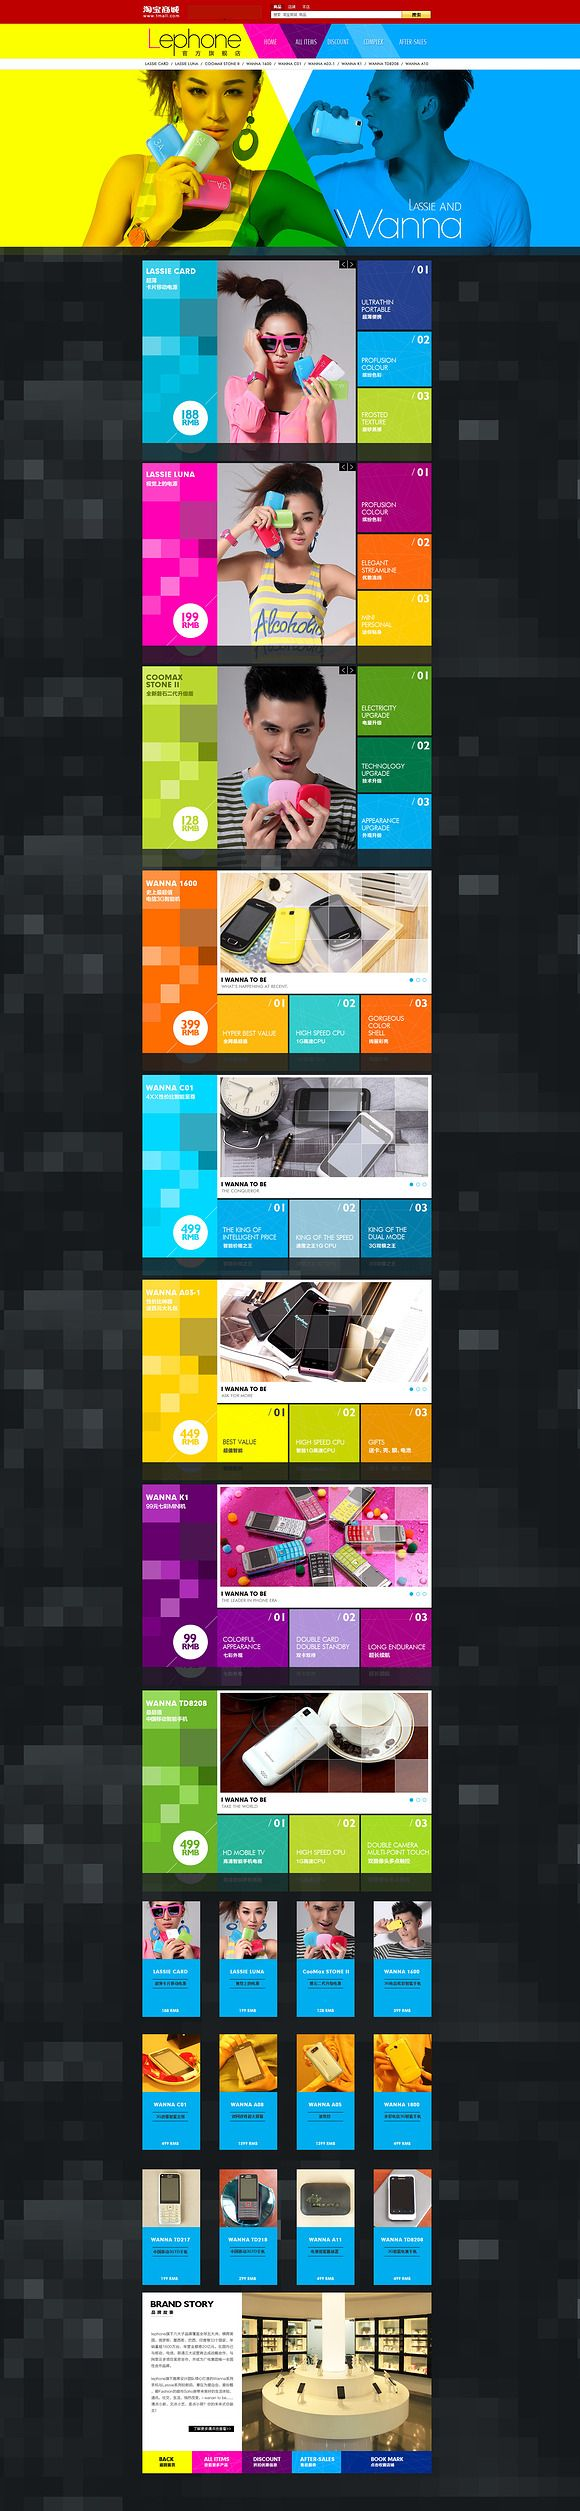 妖yan祸众采集到颜色搭配 - 花瓣 #webdesign #colorful #flat